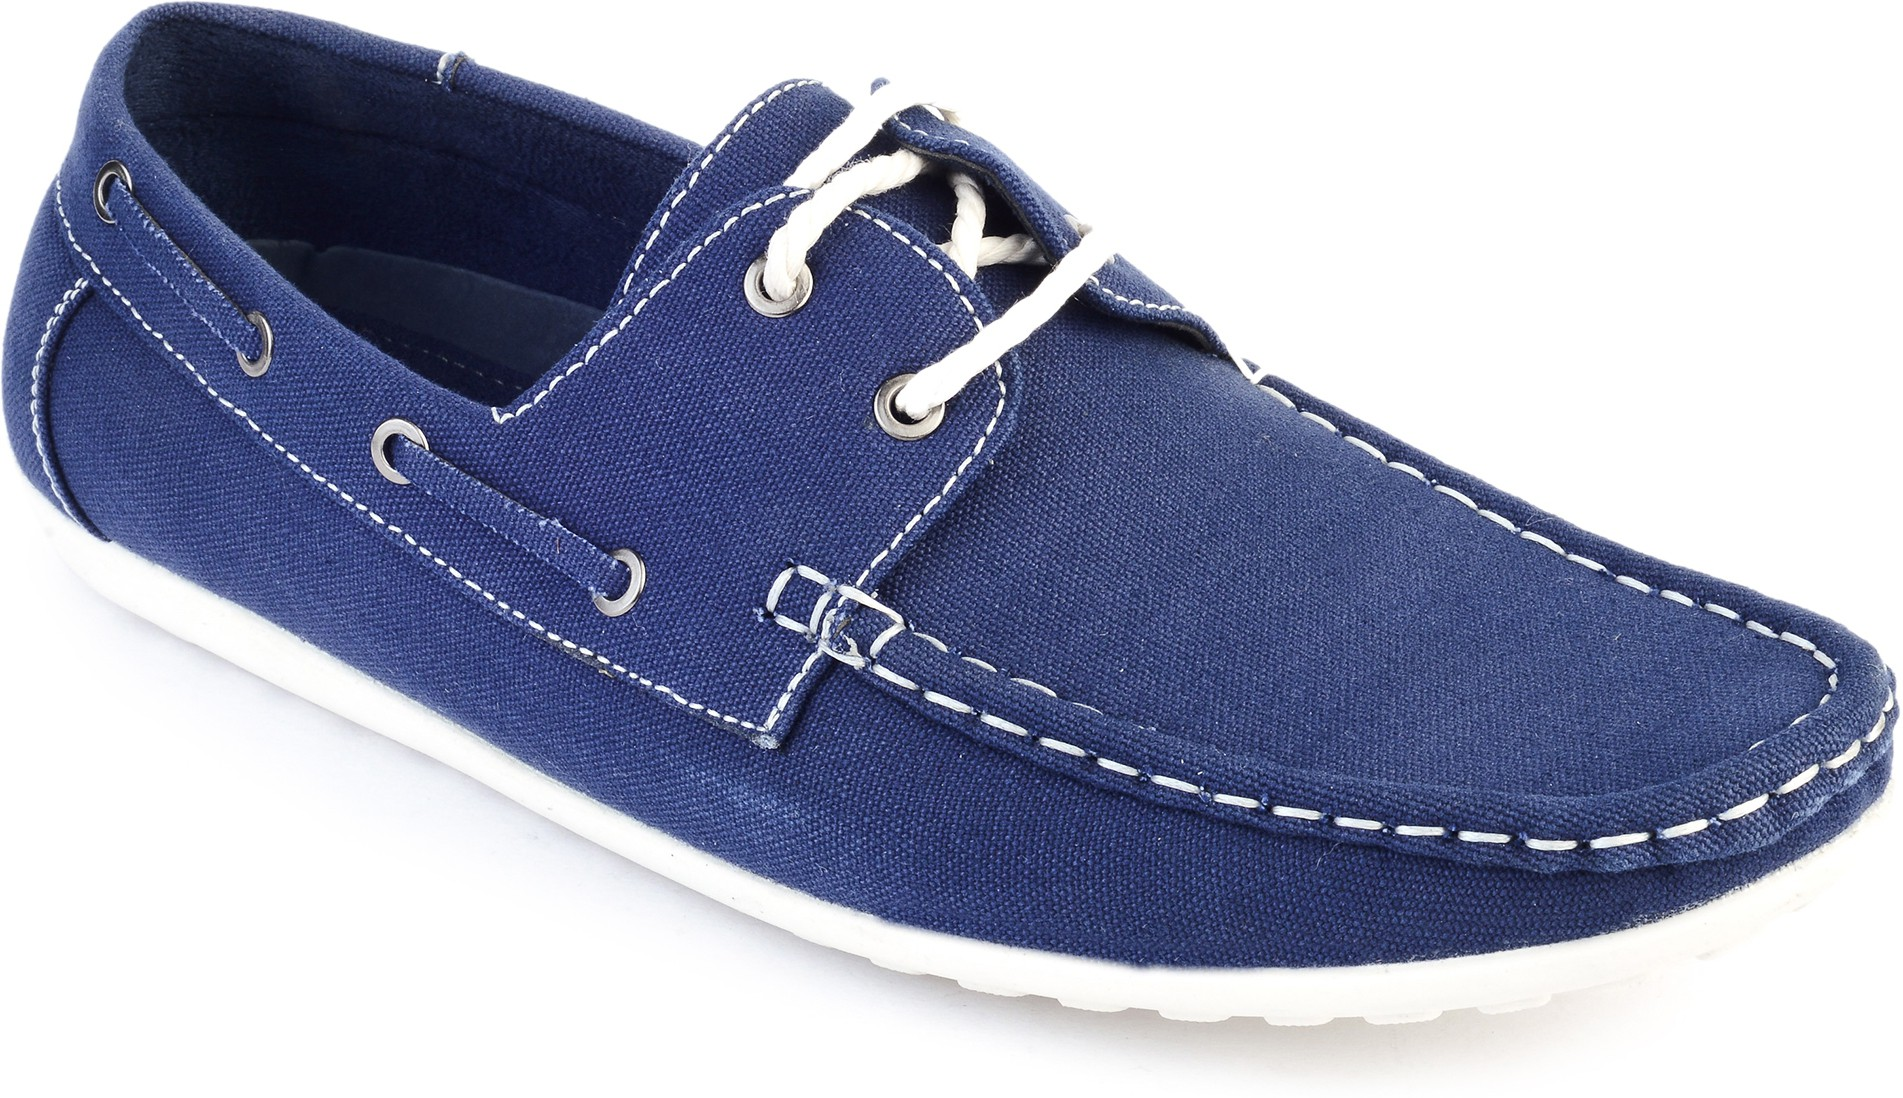 4247a1da72c 40% OFF on Harry Hill Boat III Boat Shoes on Flipkart